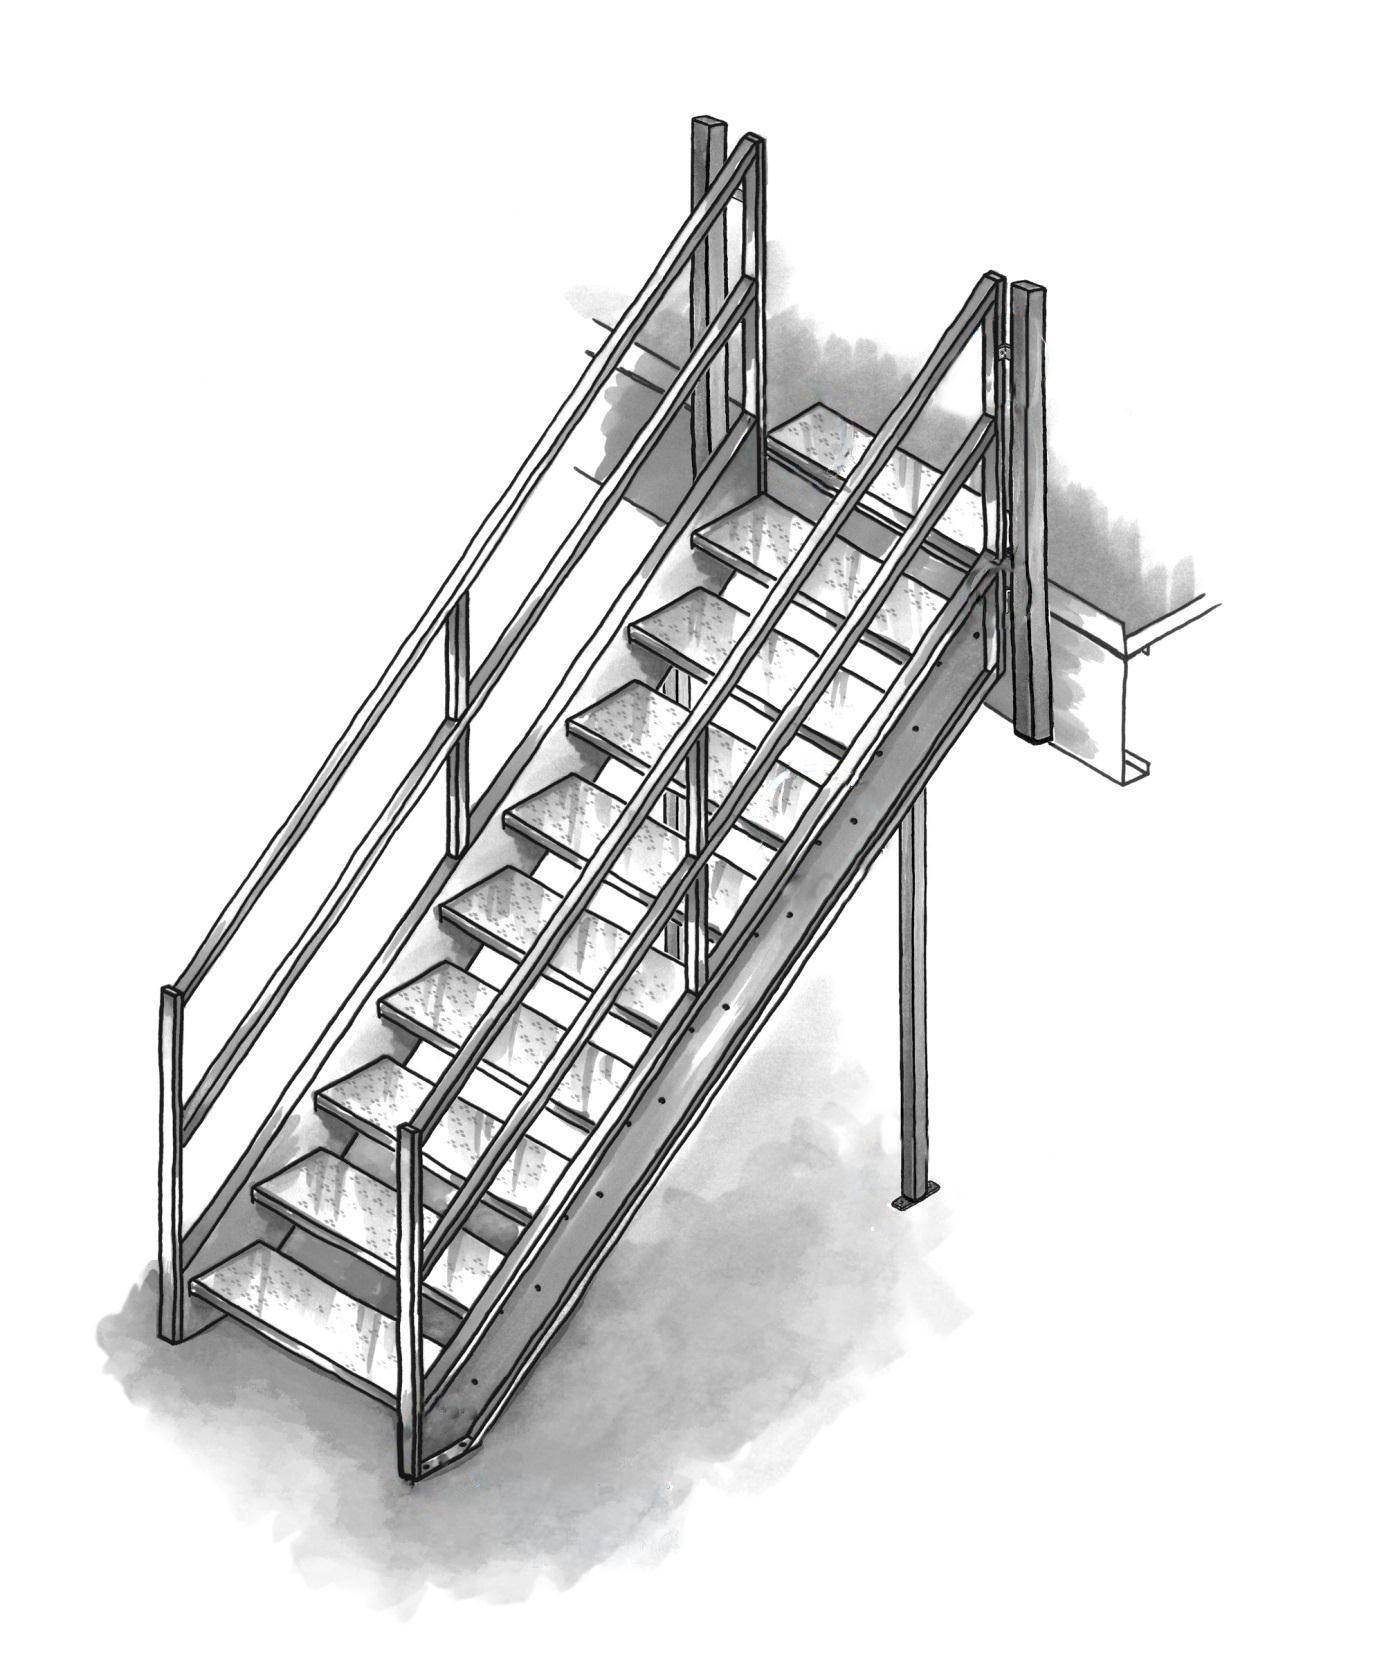 escalier pour mezzanine echelle pour lit superpose escalier pour lit mezzanine escalier pour. Black Bedroom Furniture Sets. Home Design Ideas